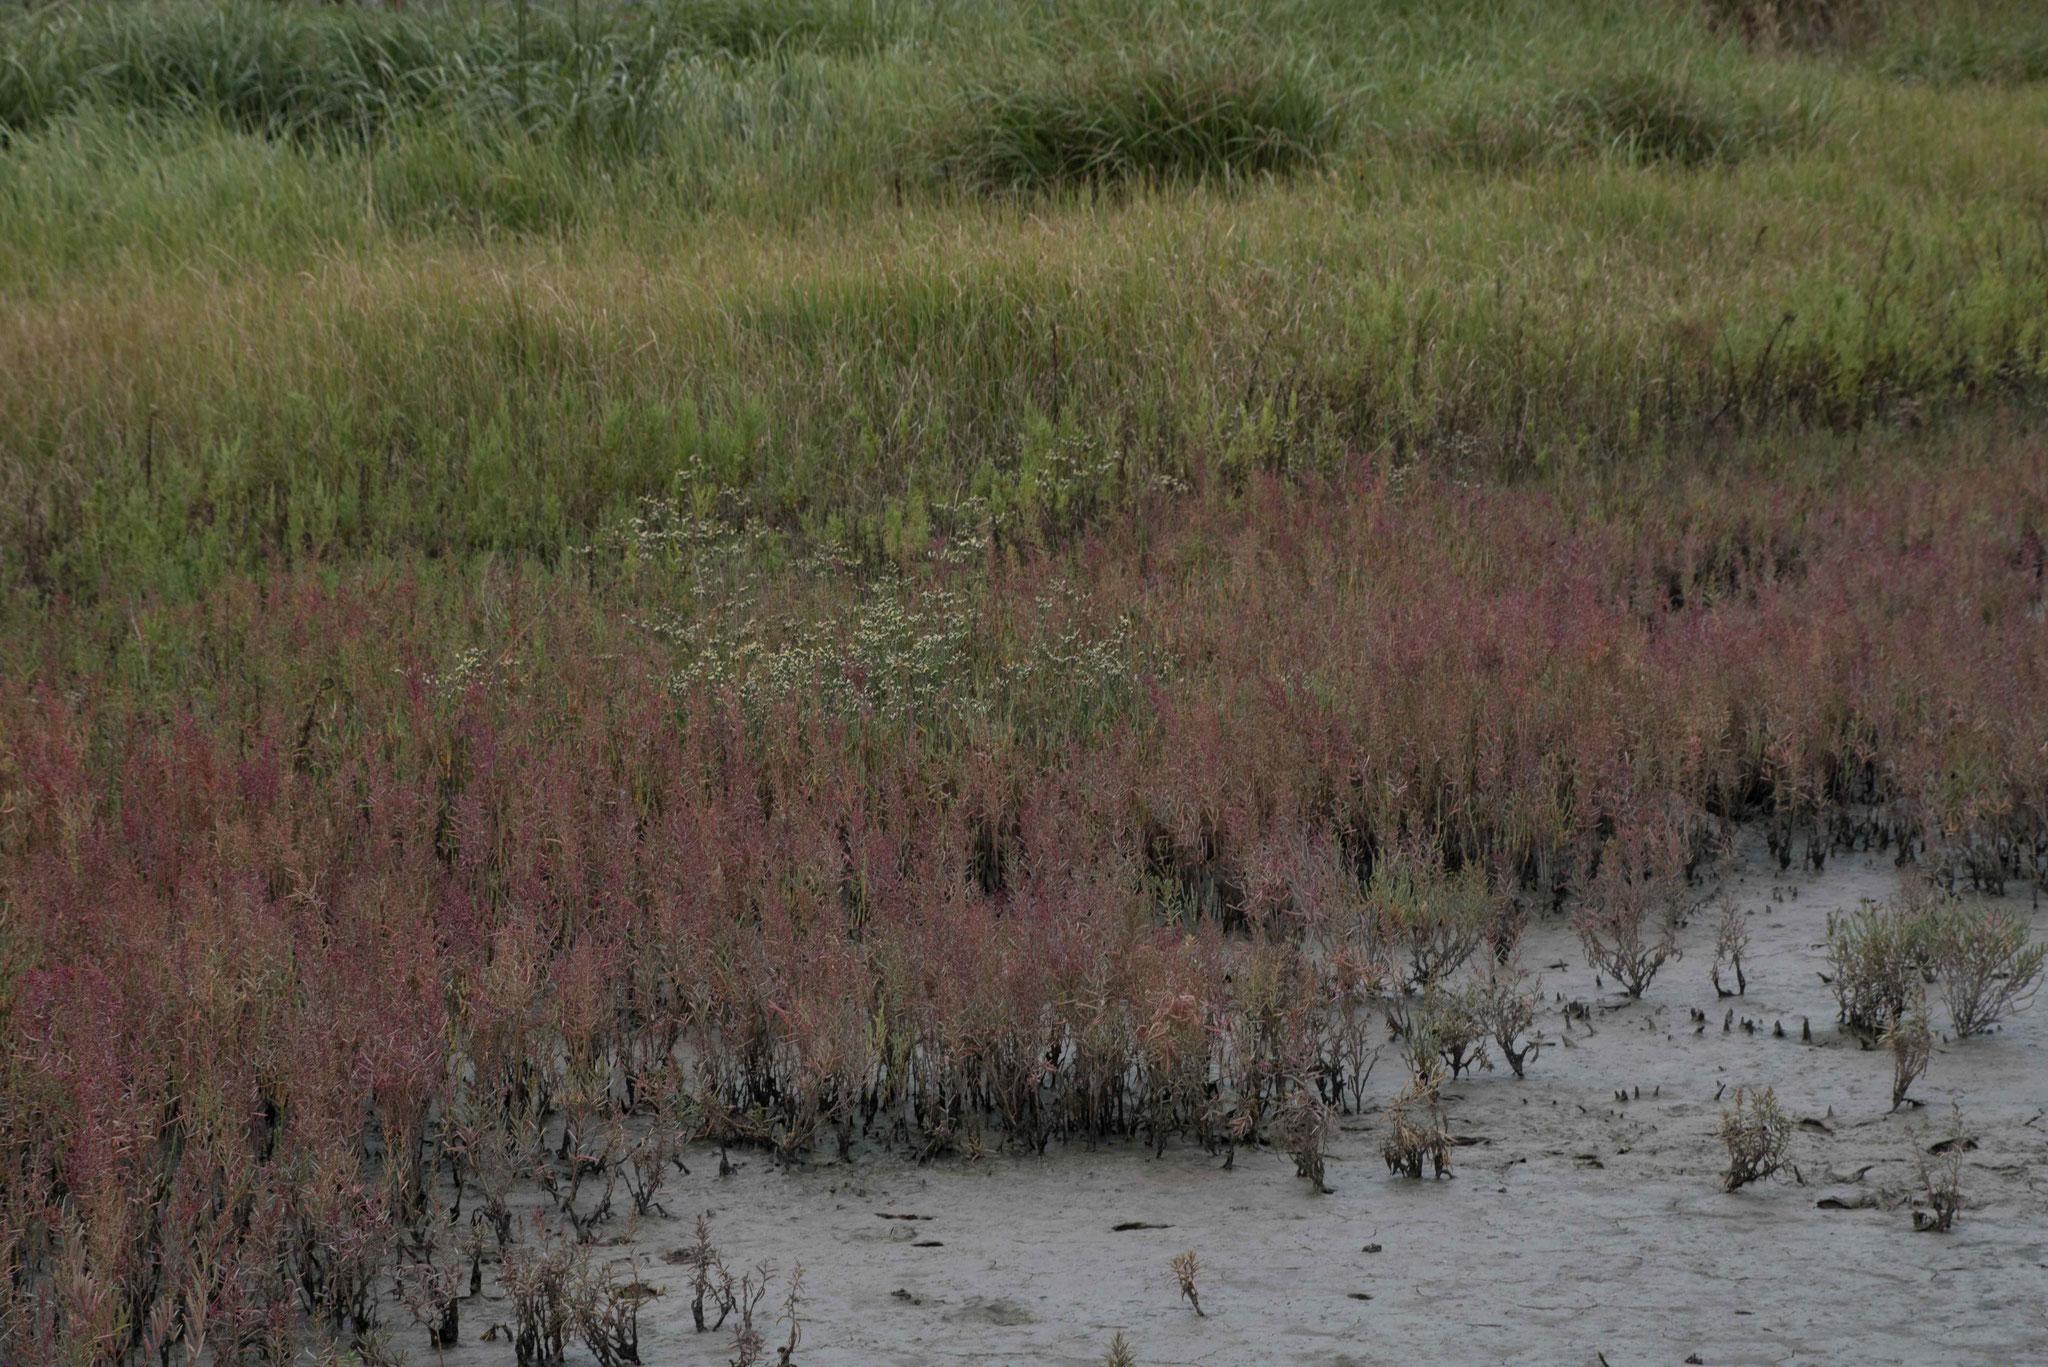 Vegetation im salzigen Gewässer